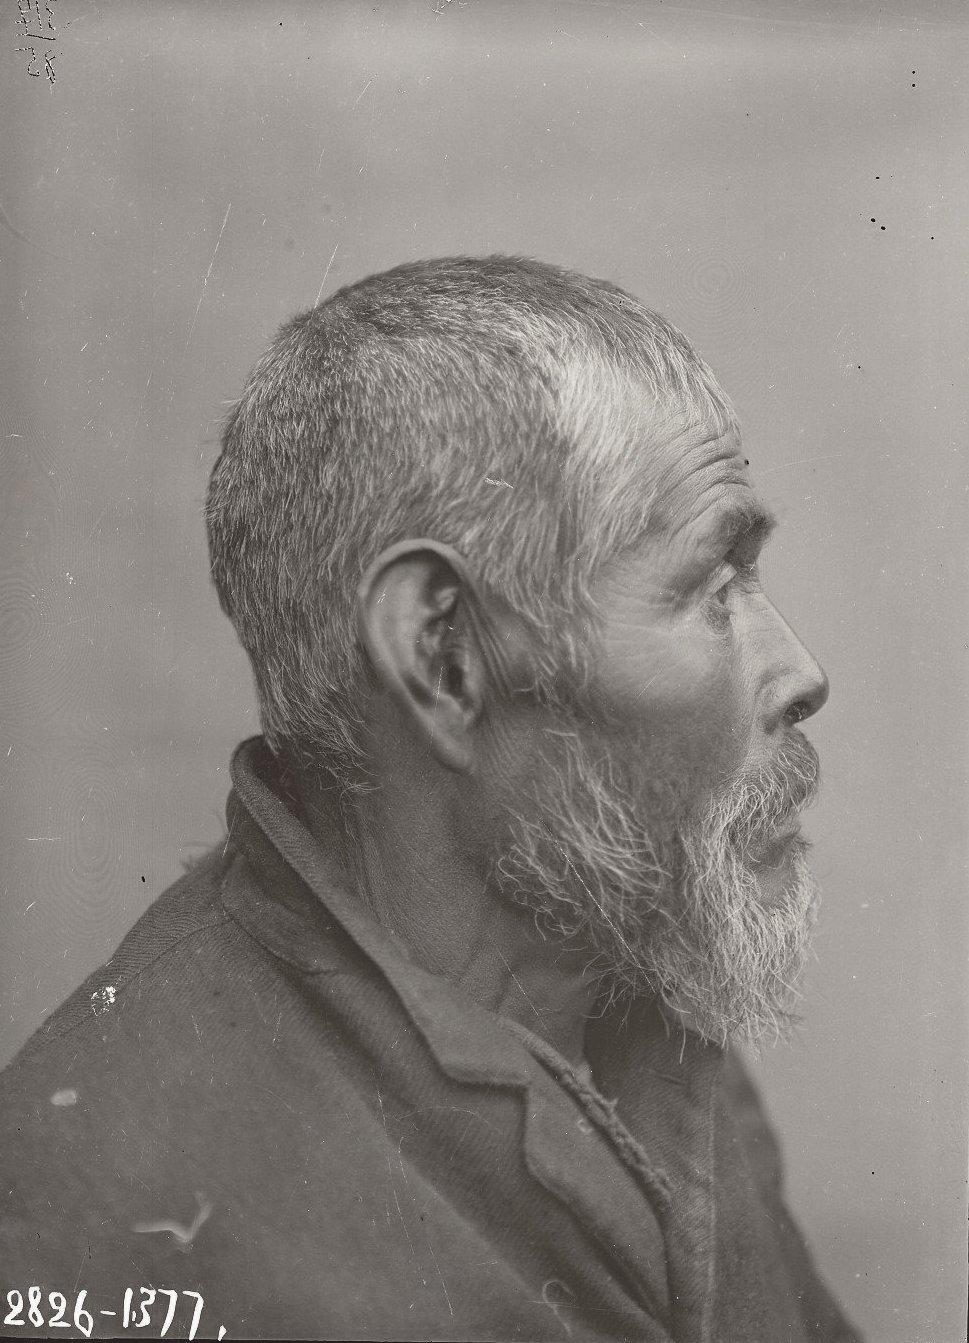 1909. Июнь - июль.  Дмитрий Прокопьев (профиль). Атту остров